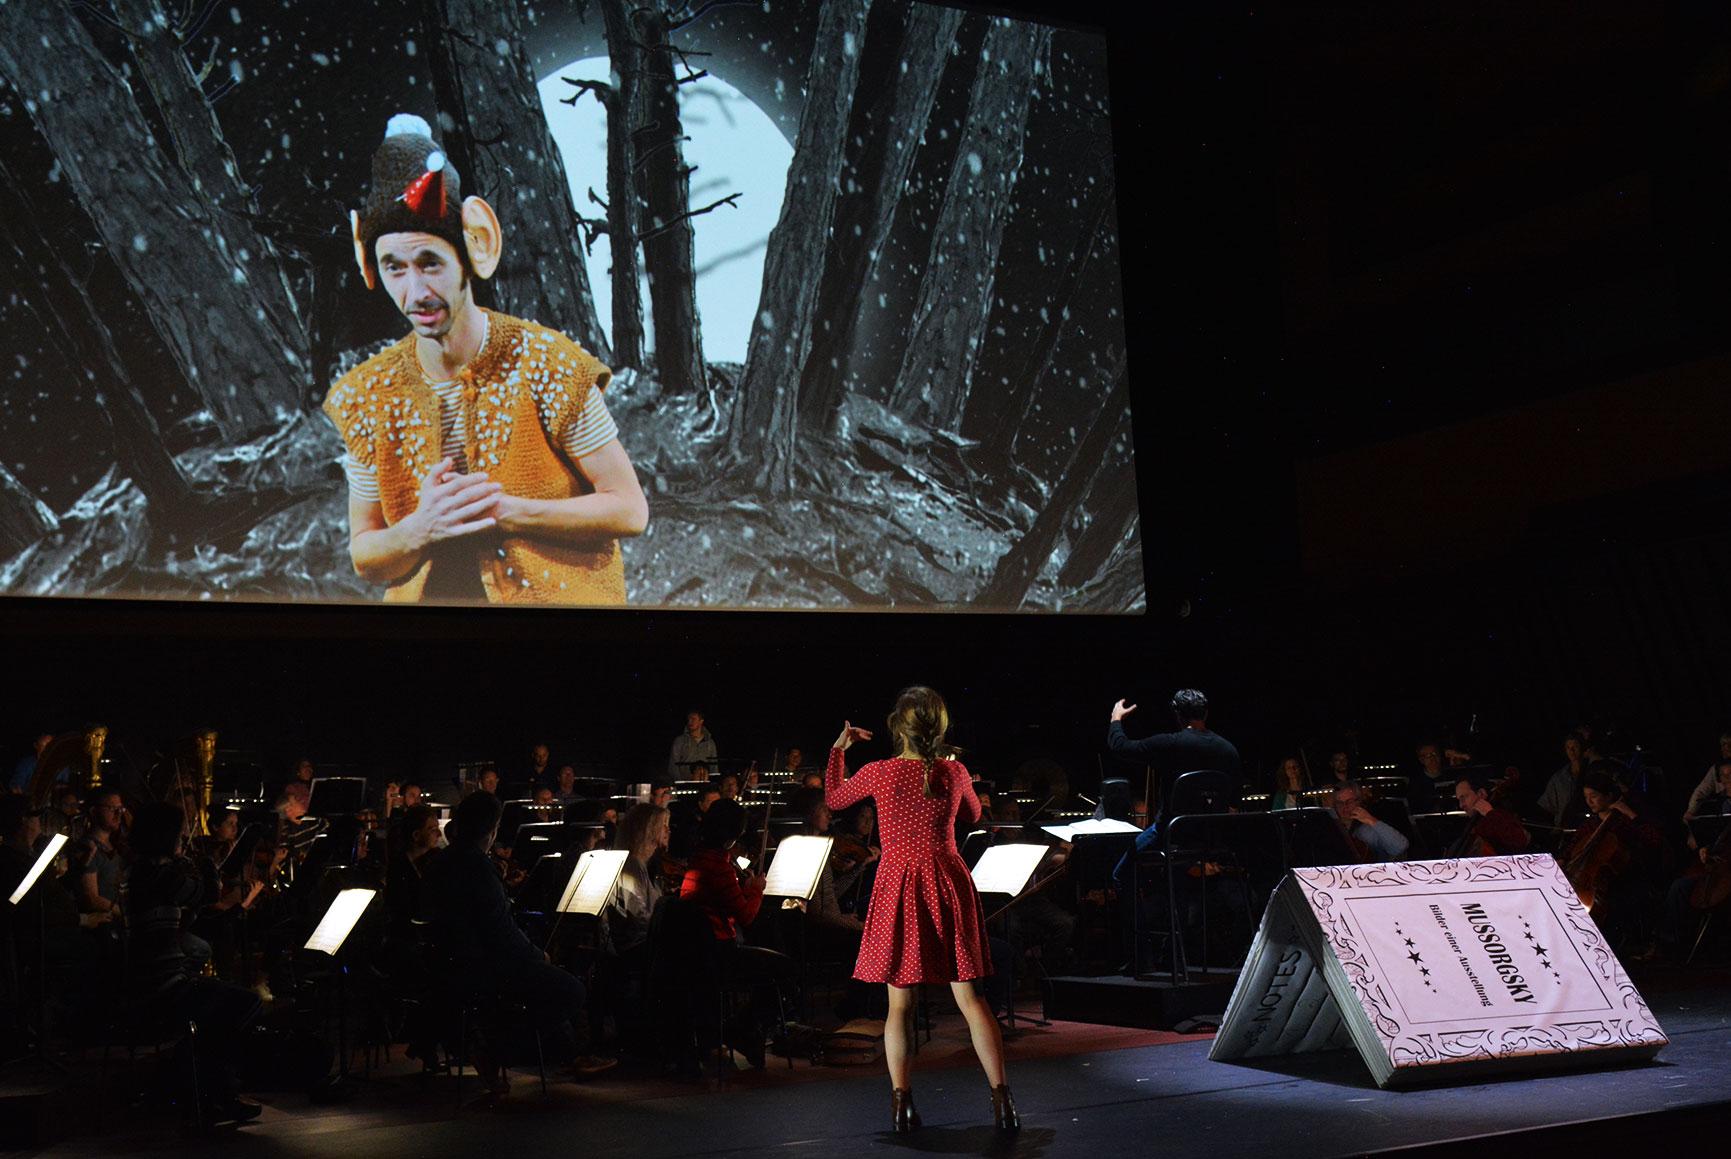 Bilder einer Ausstellung - Symphonieorchester Philharmonique du Luxembourg